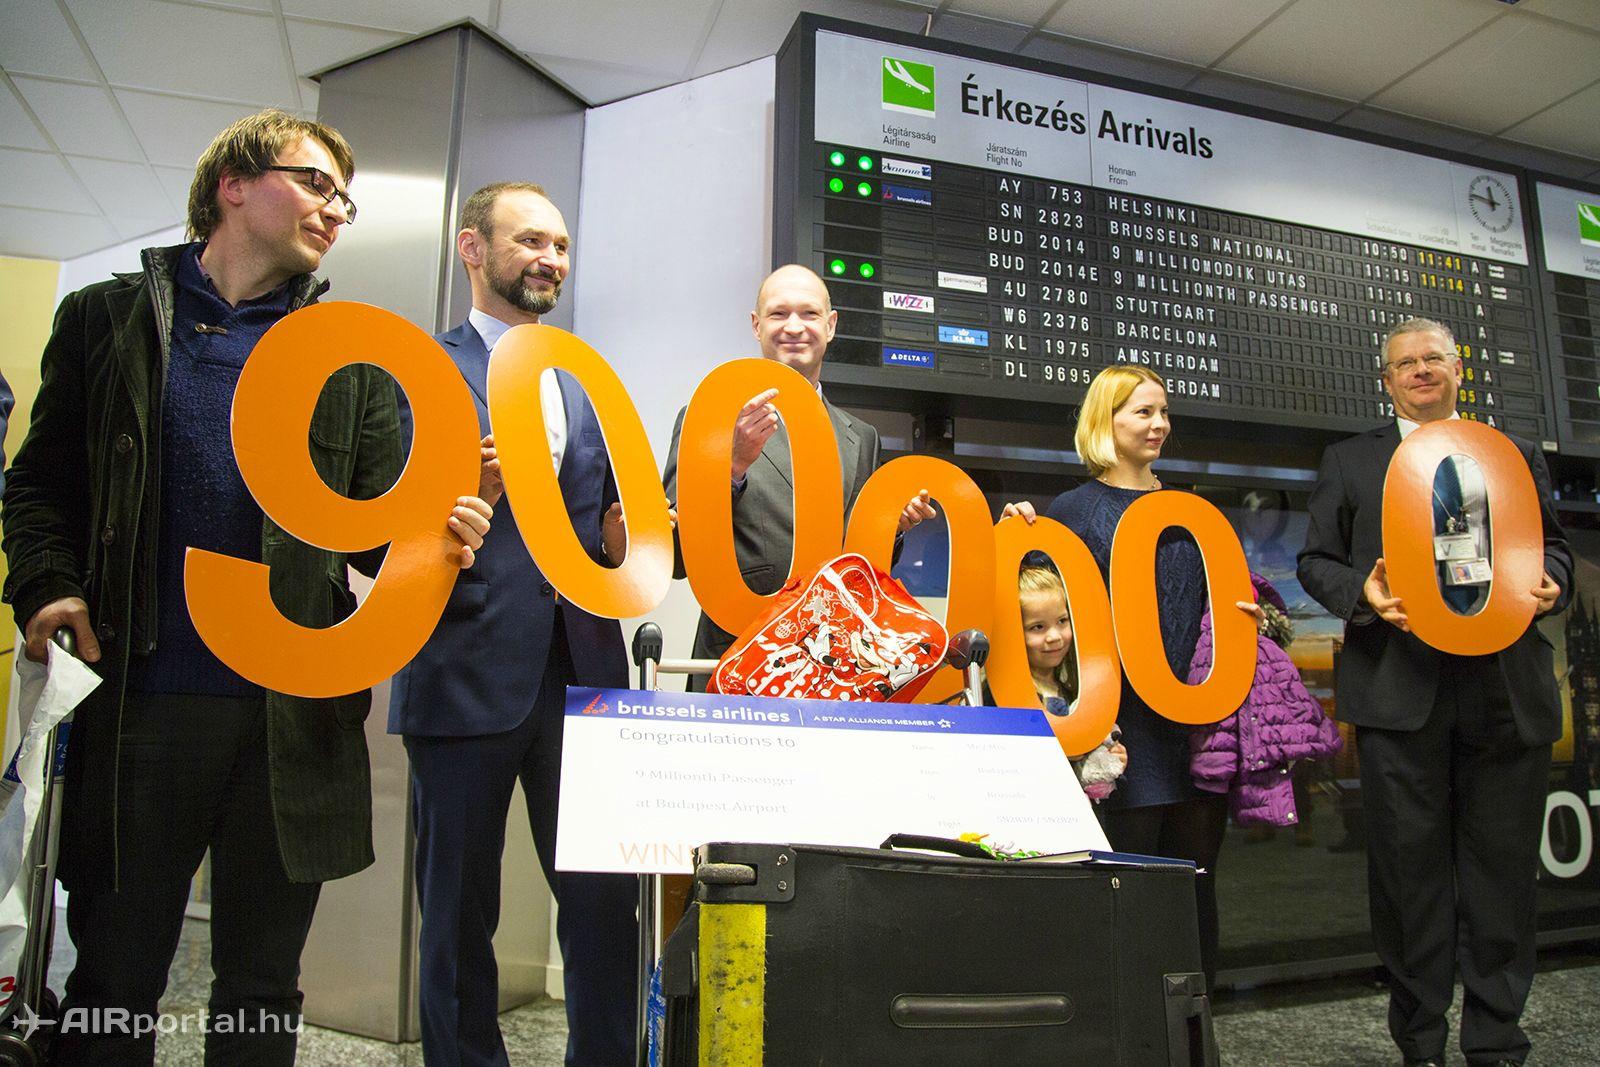 A repülőtér utasszáma decemberben lépte át a 9 milliót. (Fotó: AIRportal.hu) | © AIRportal.hu